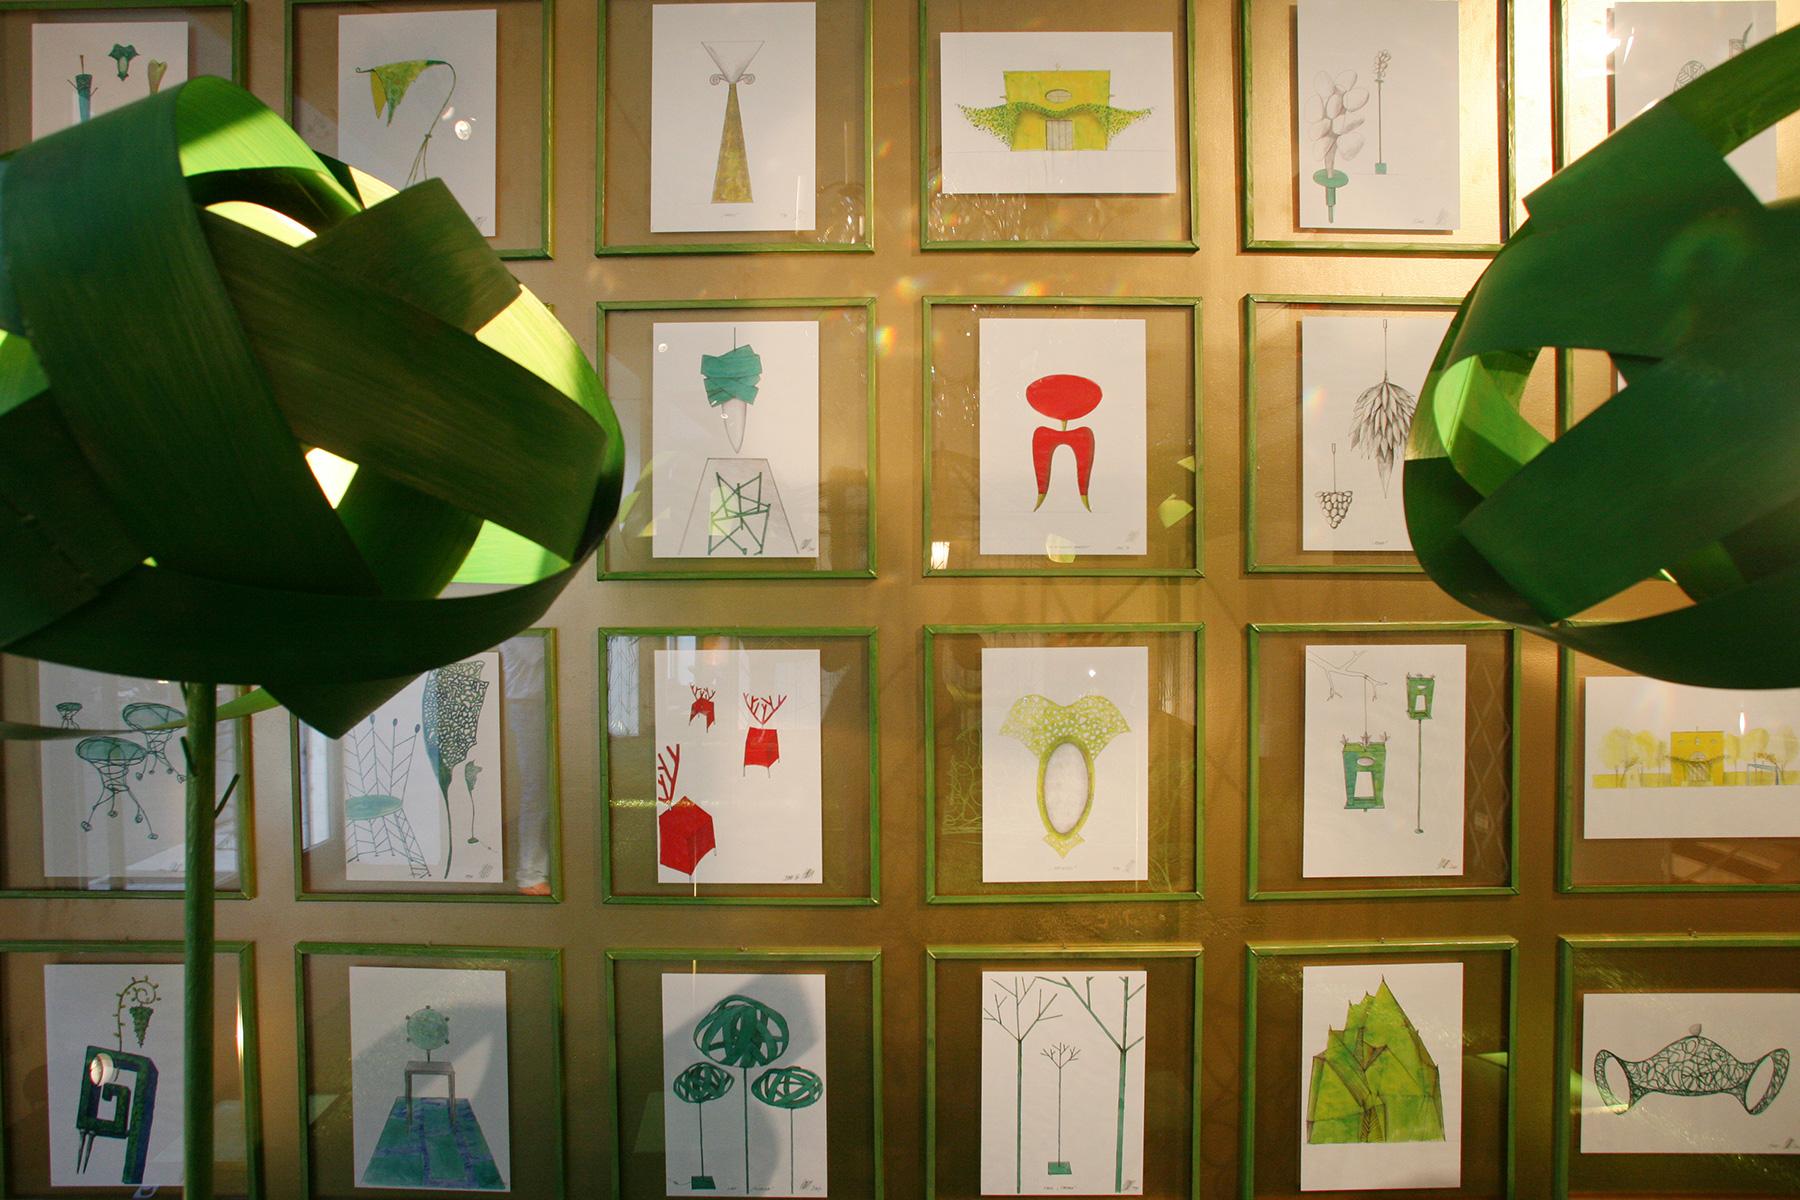 evento nel negozio AD dedicato a Boda Horak